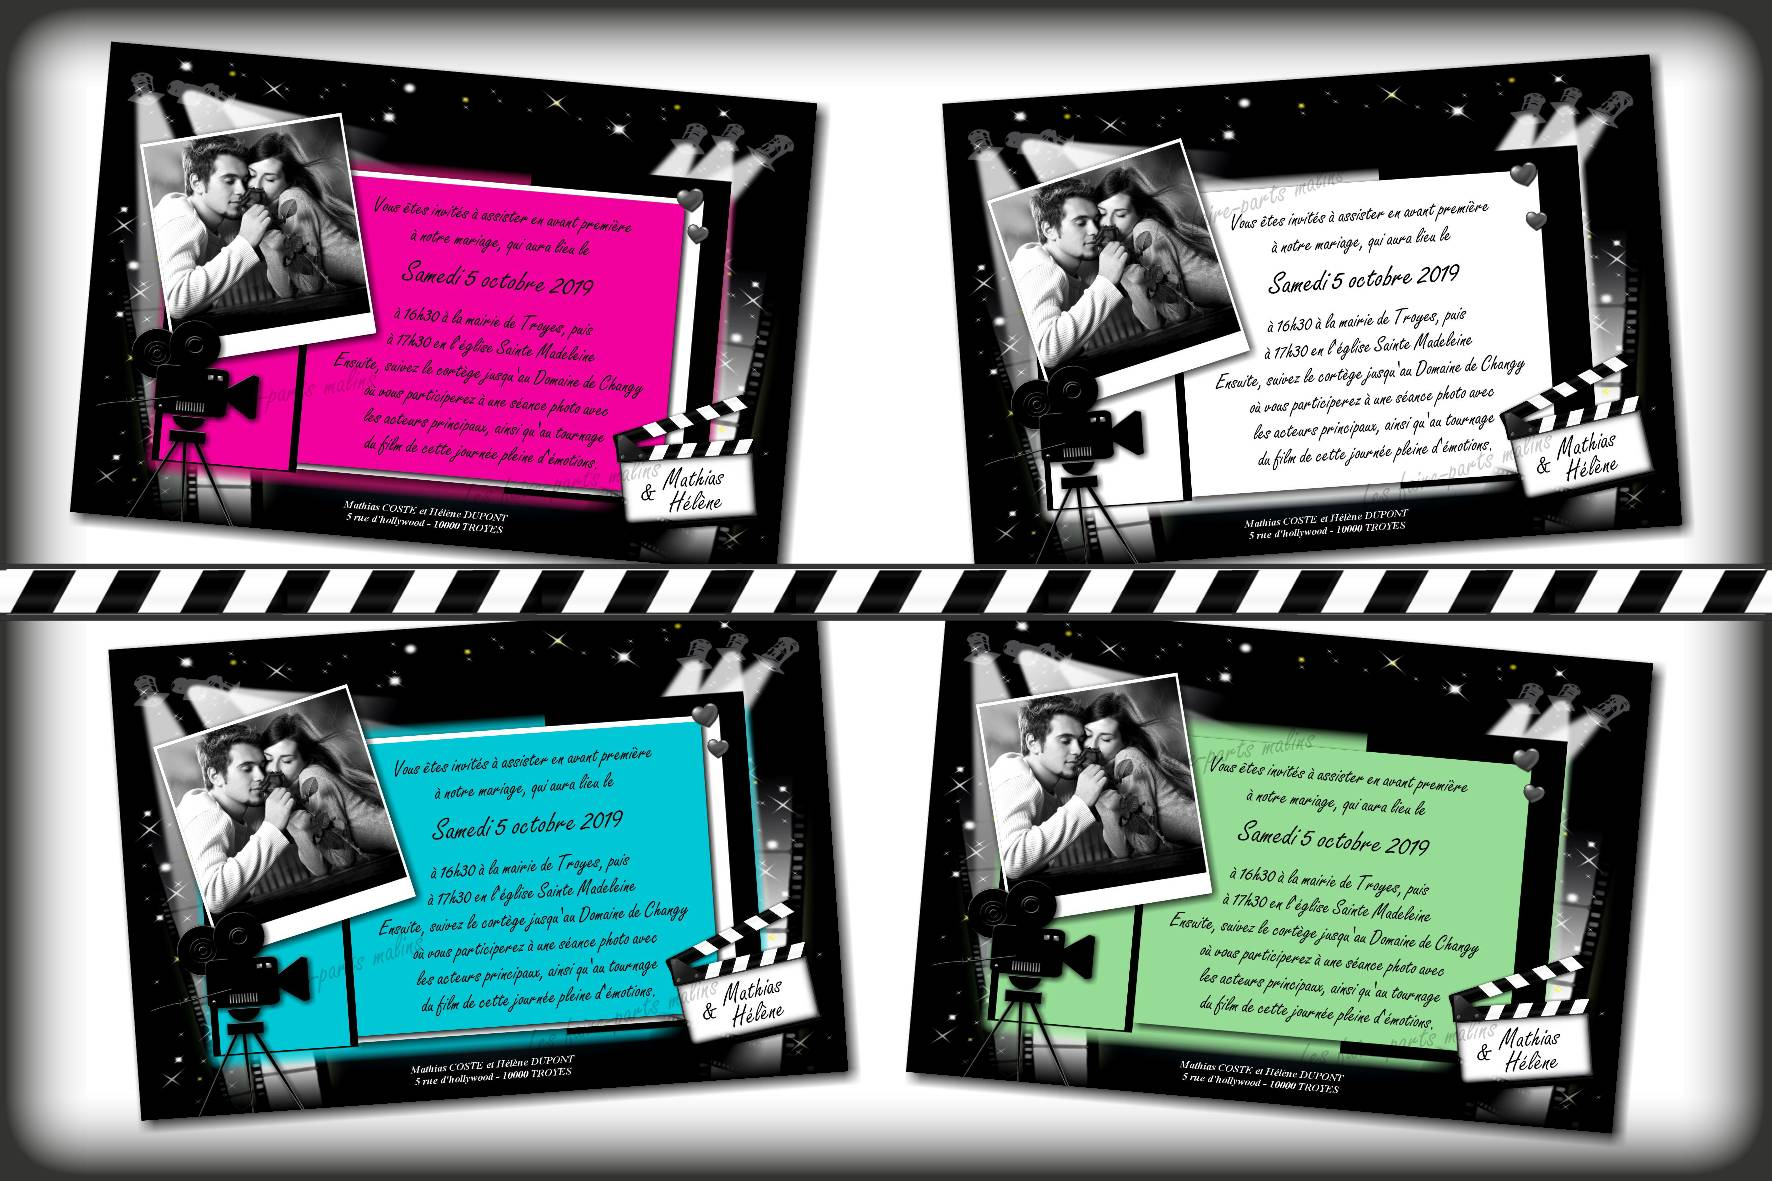 collection cinéma